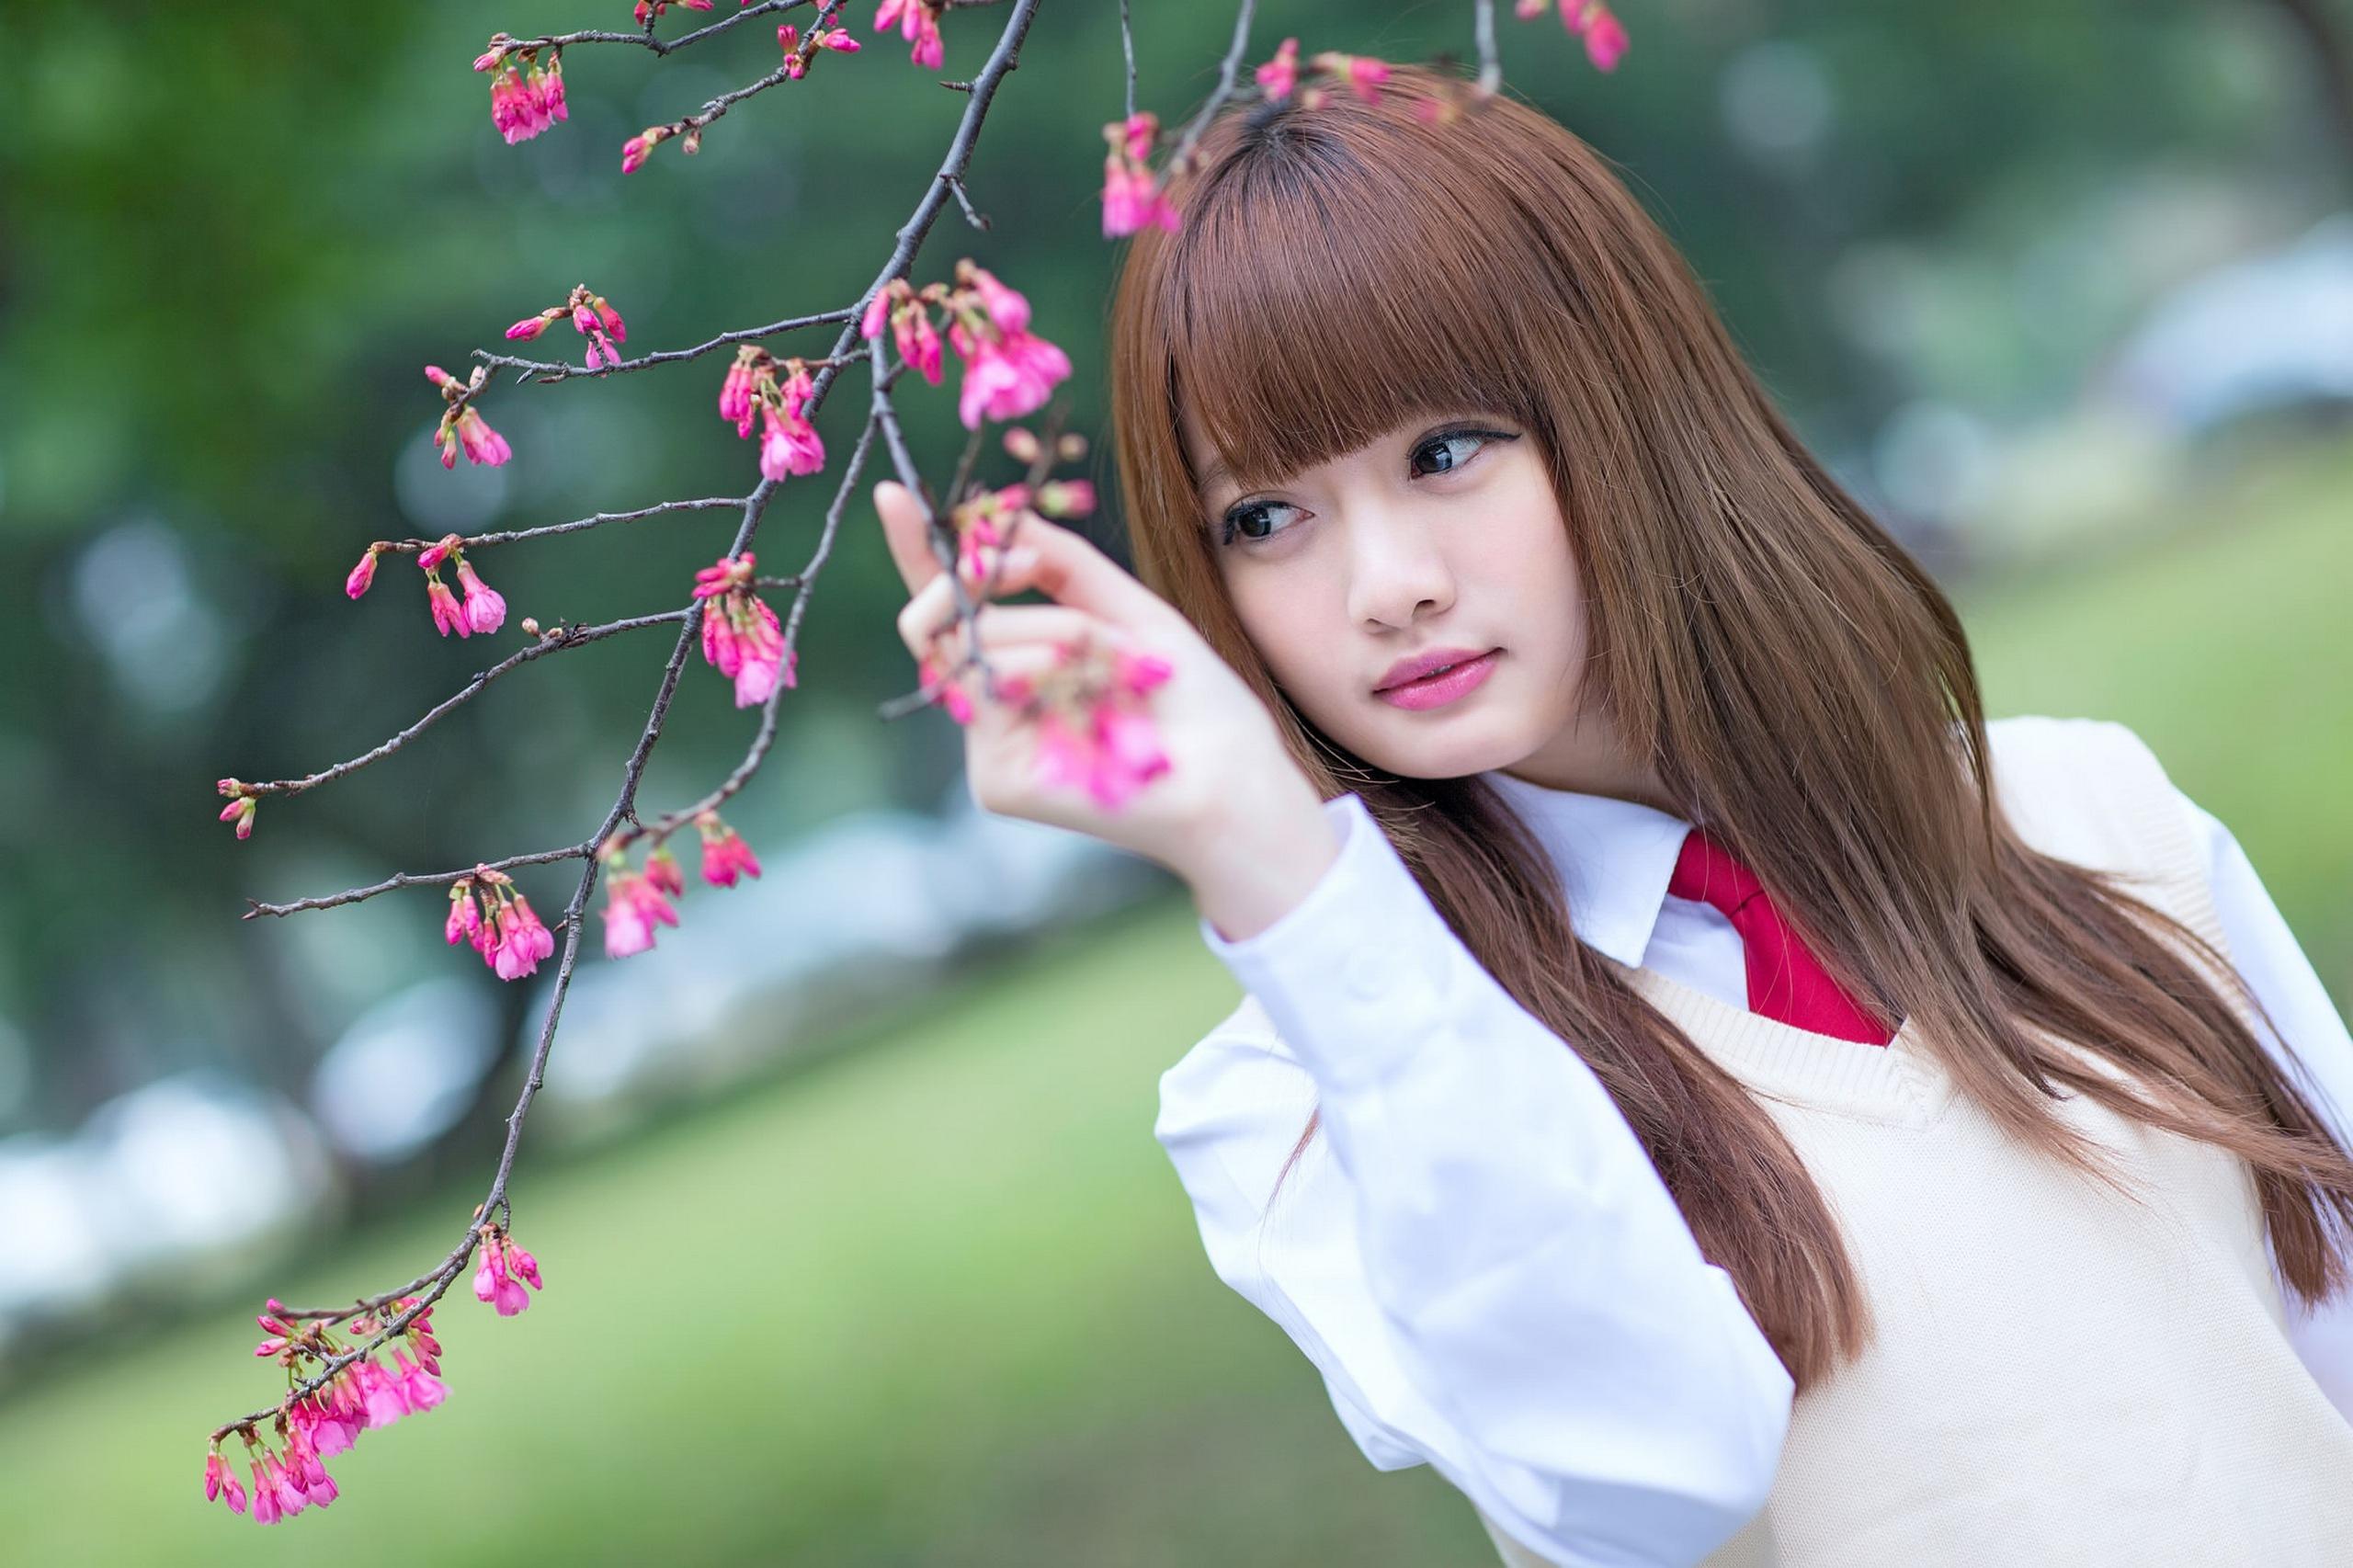 смотреть картинки красивых японочек омега рада предложить